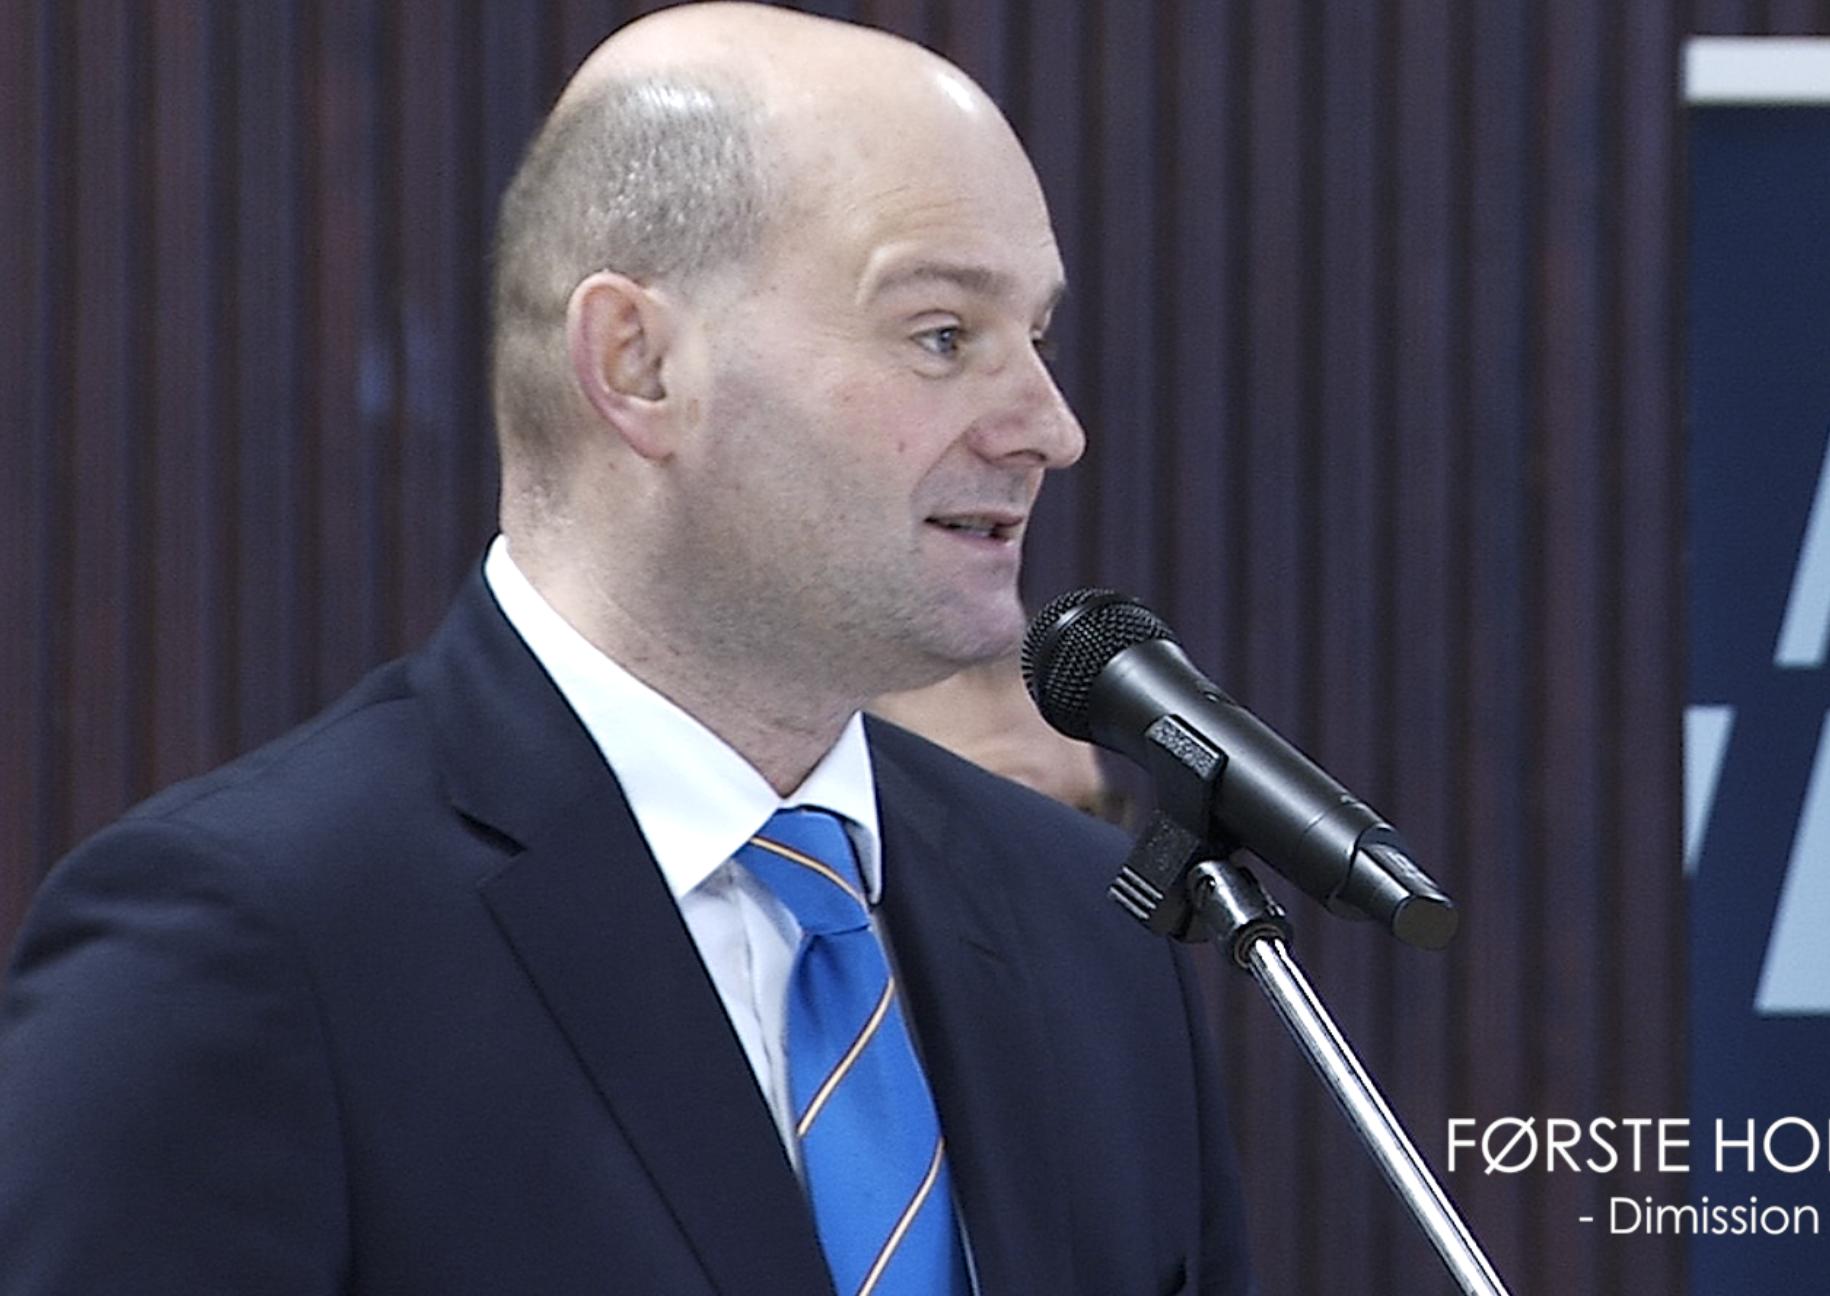 SE VIDEO : DIMISSION OG TALER PÅ POLITISKOLEN I FREDERICIA